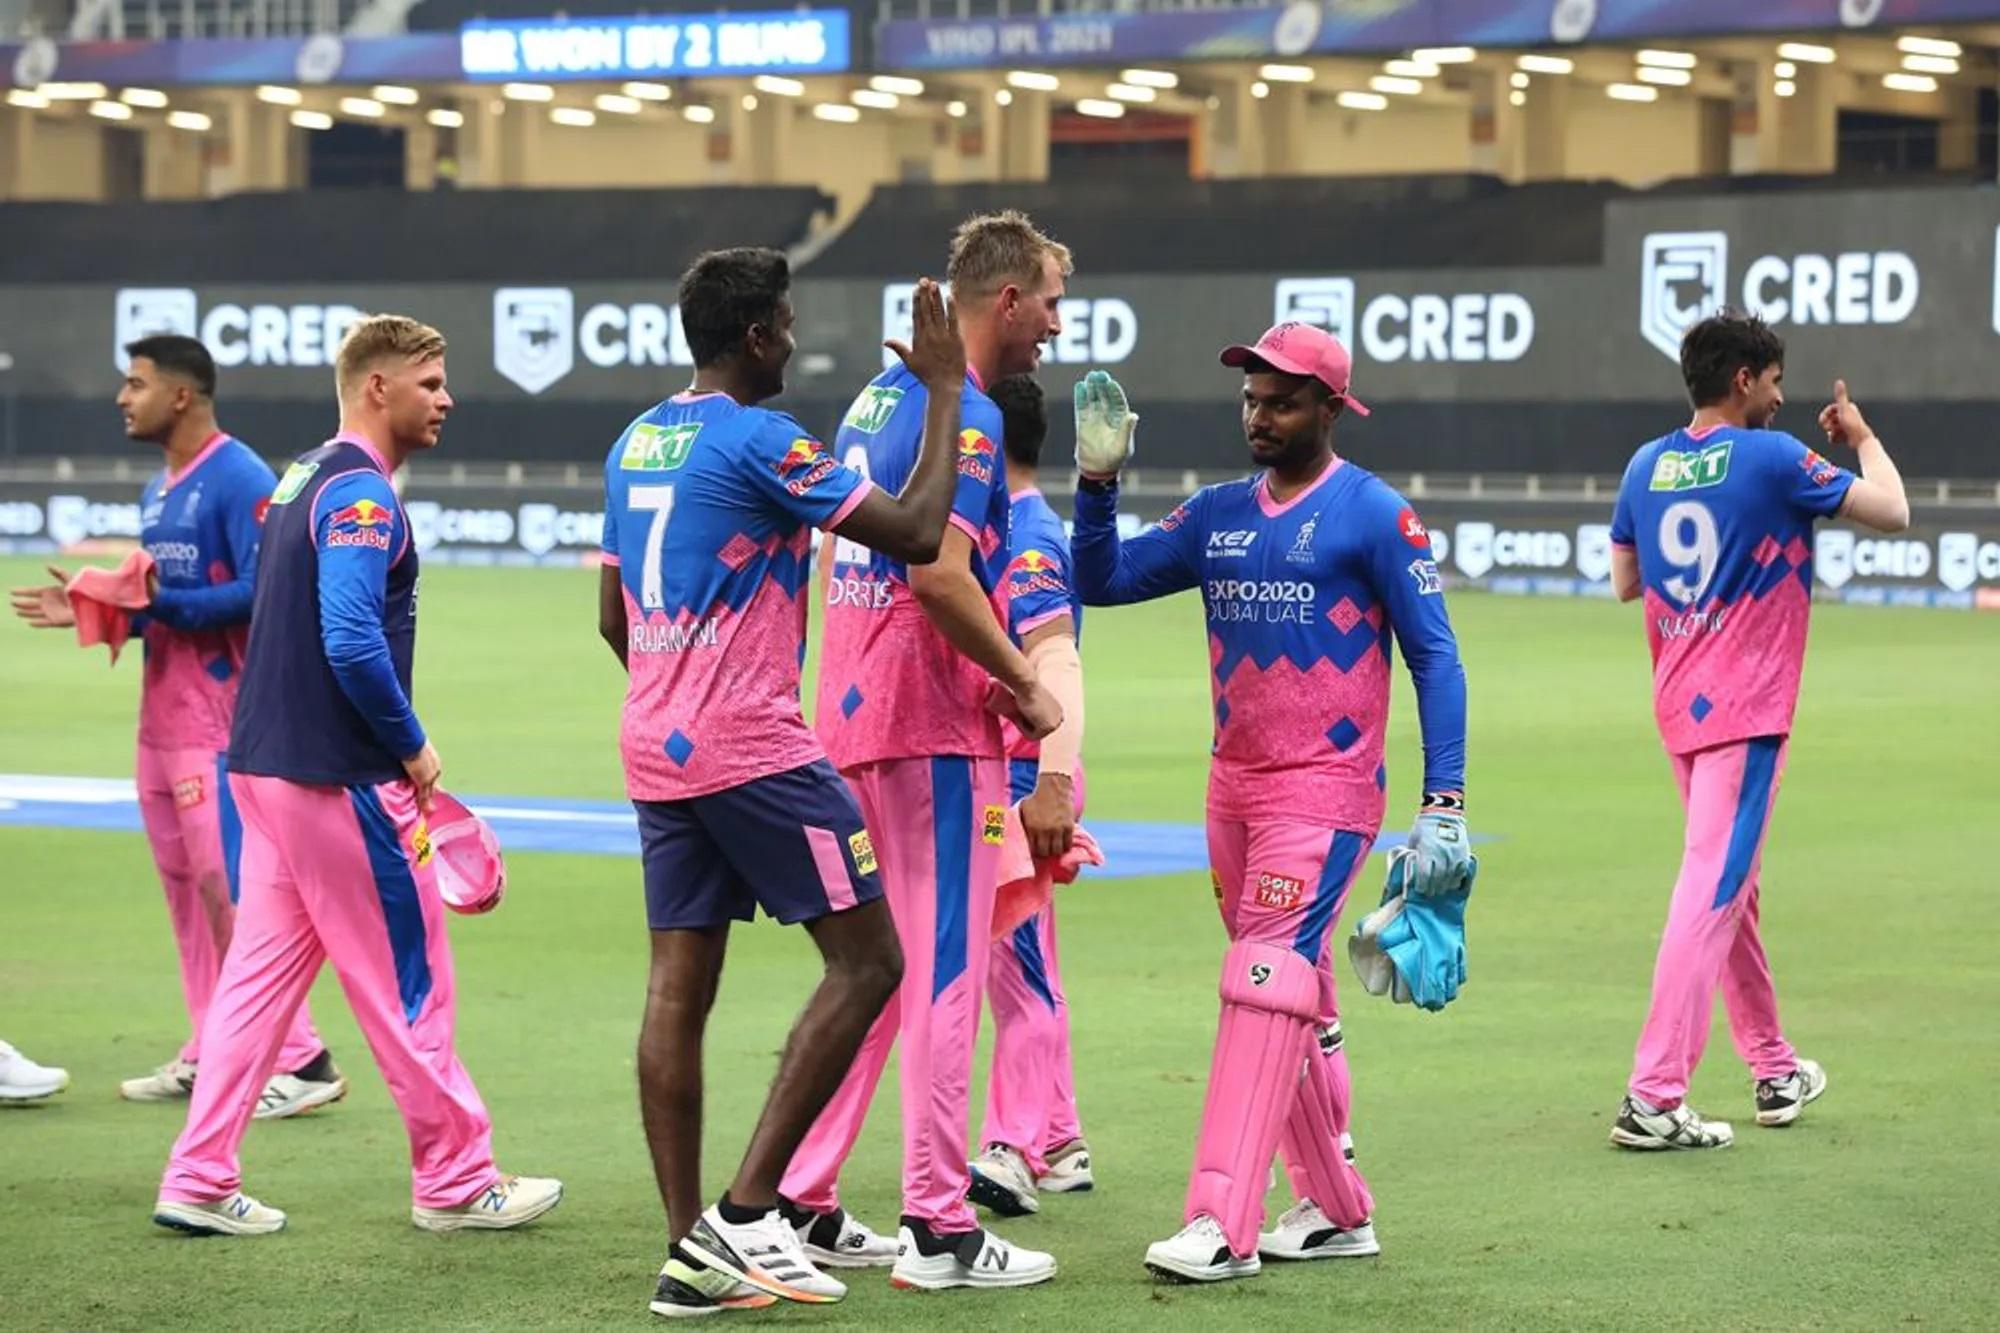 RR vs SRH: राजस्थान रॉयल्स ने टॉस जीत किया बल्लेबाजी का फैसला, हैदराबाद ने दिग्गज खिलाड़ी को किया बाहर 2